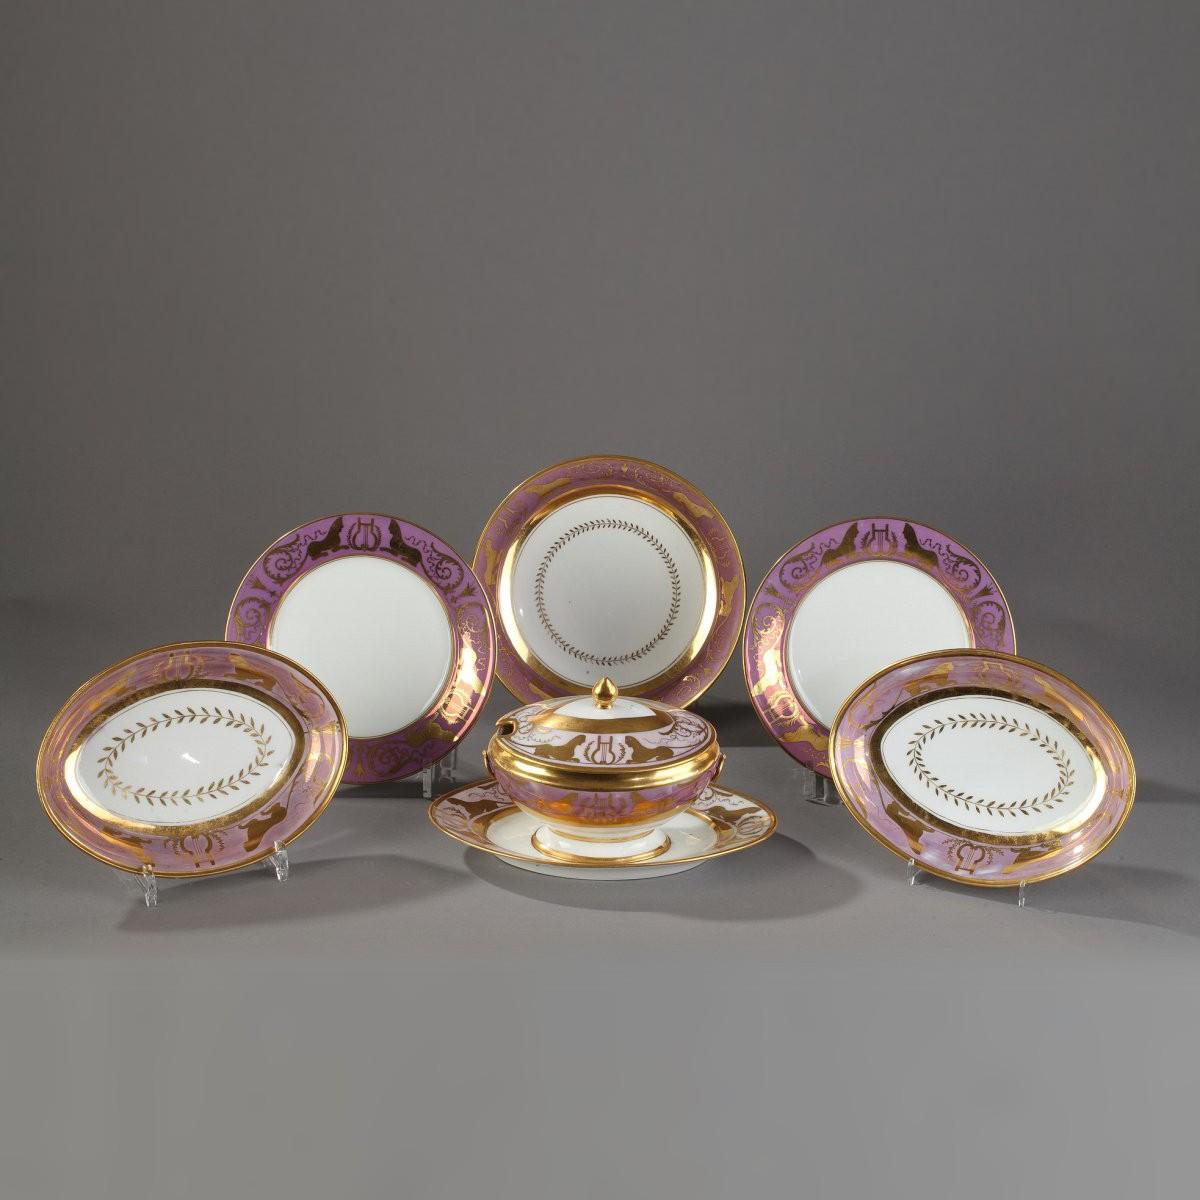 Paris Porcelain Art Nouveau Period Lamp Chinese Taste: VORONTSOV Service, DAGOTY Paris